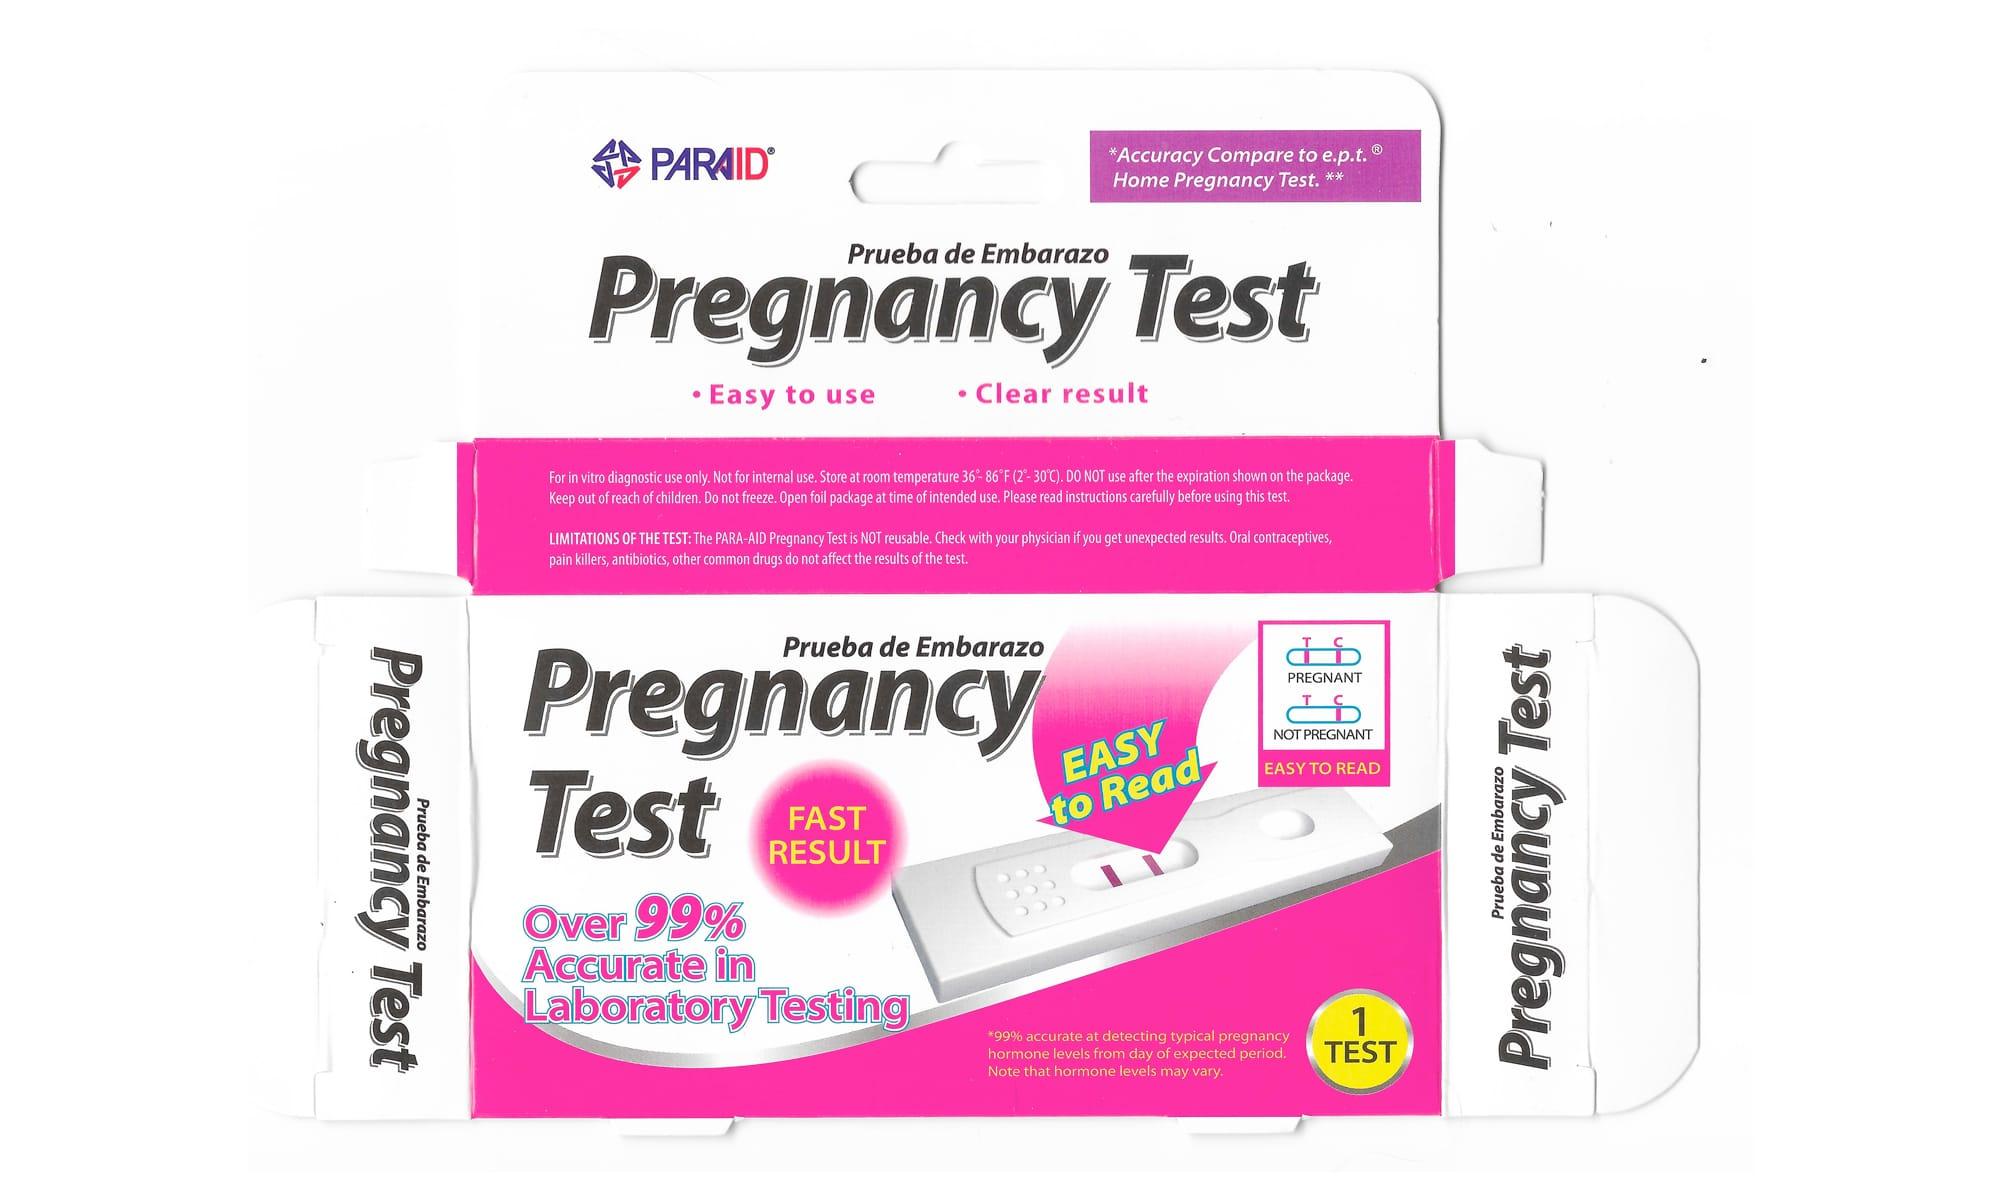 Pregnancy Test Paraid